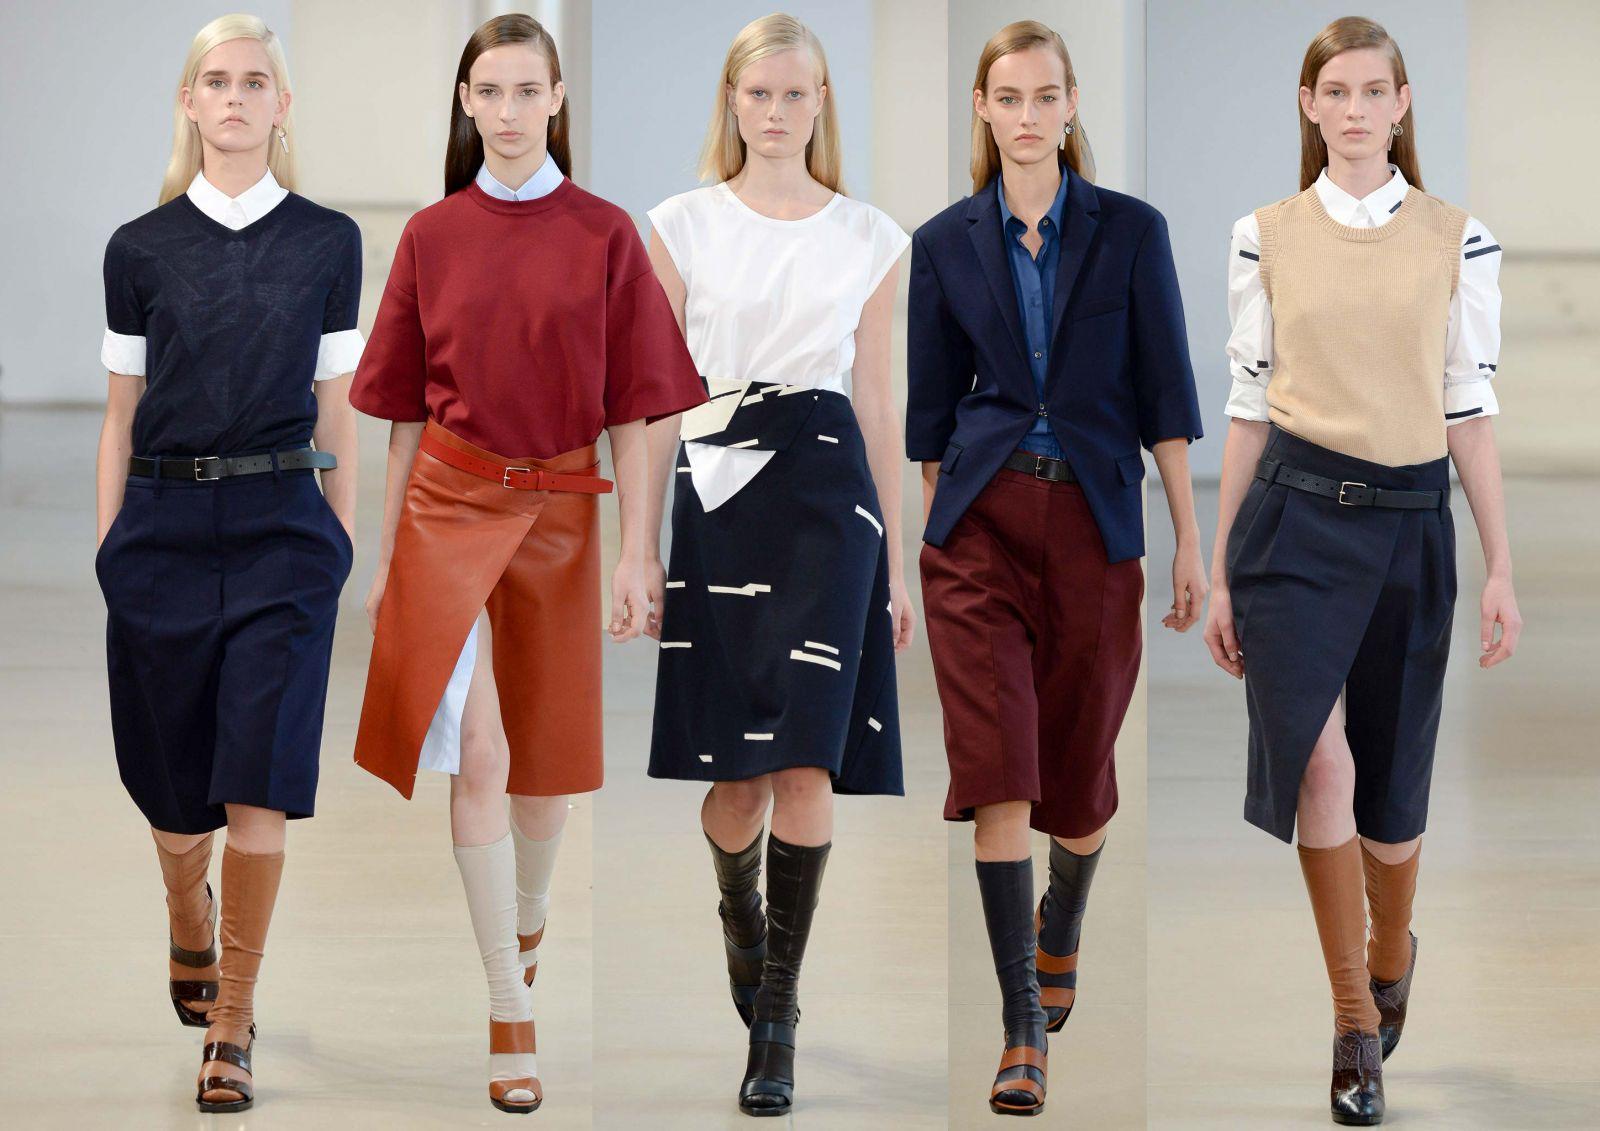 Неделя моды в Милане: Jil Sander, весна-лето 2015 - фото №1